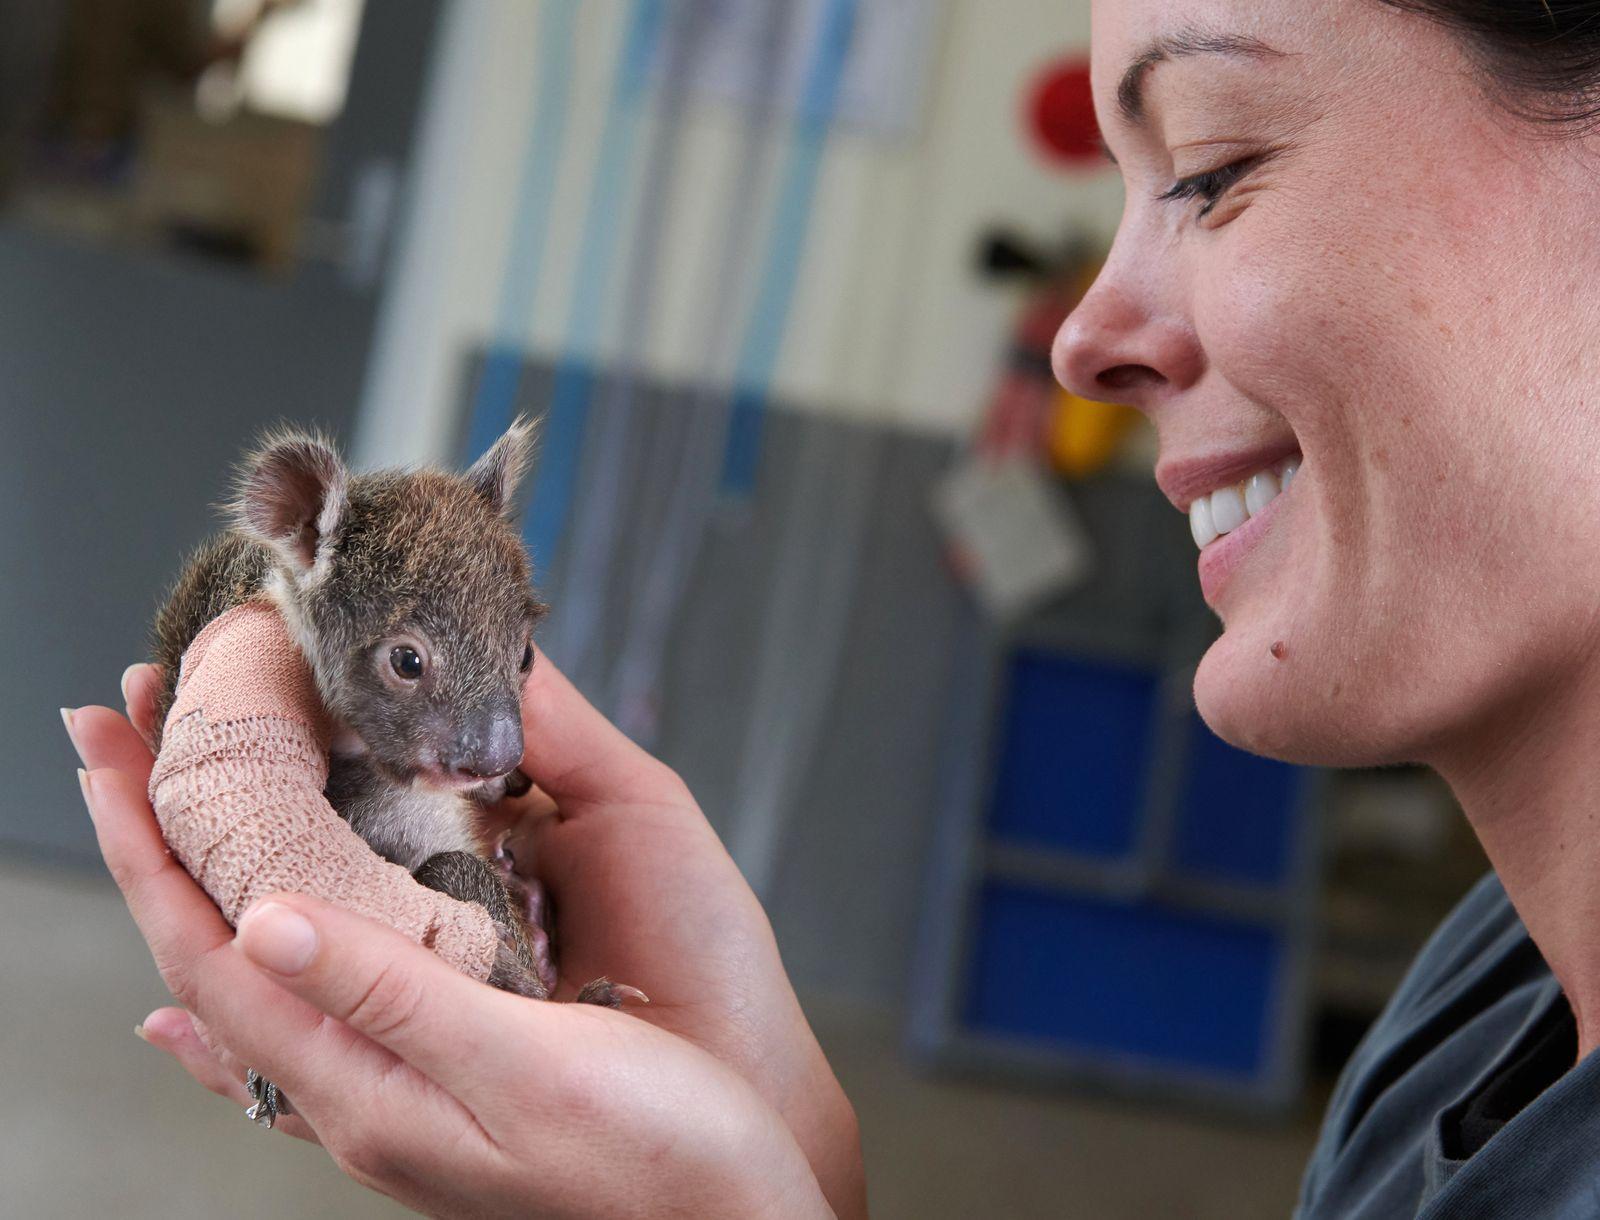 Koalababy bekommt Gips/ Pflegemutter